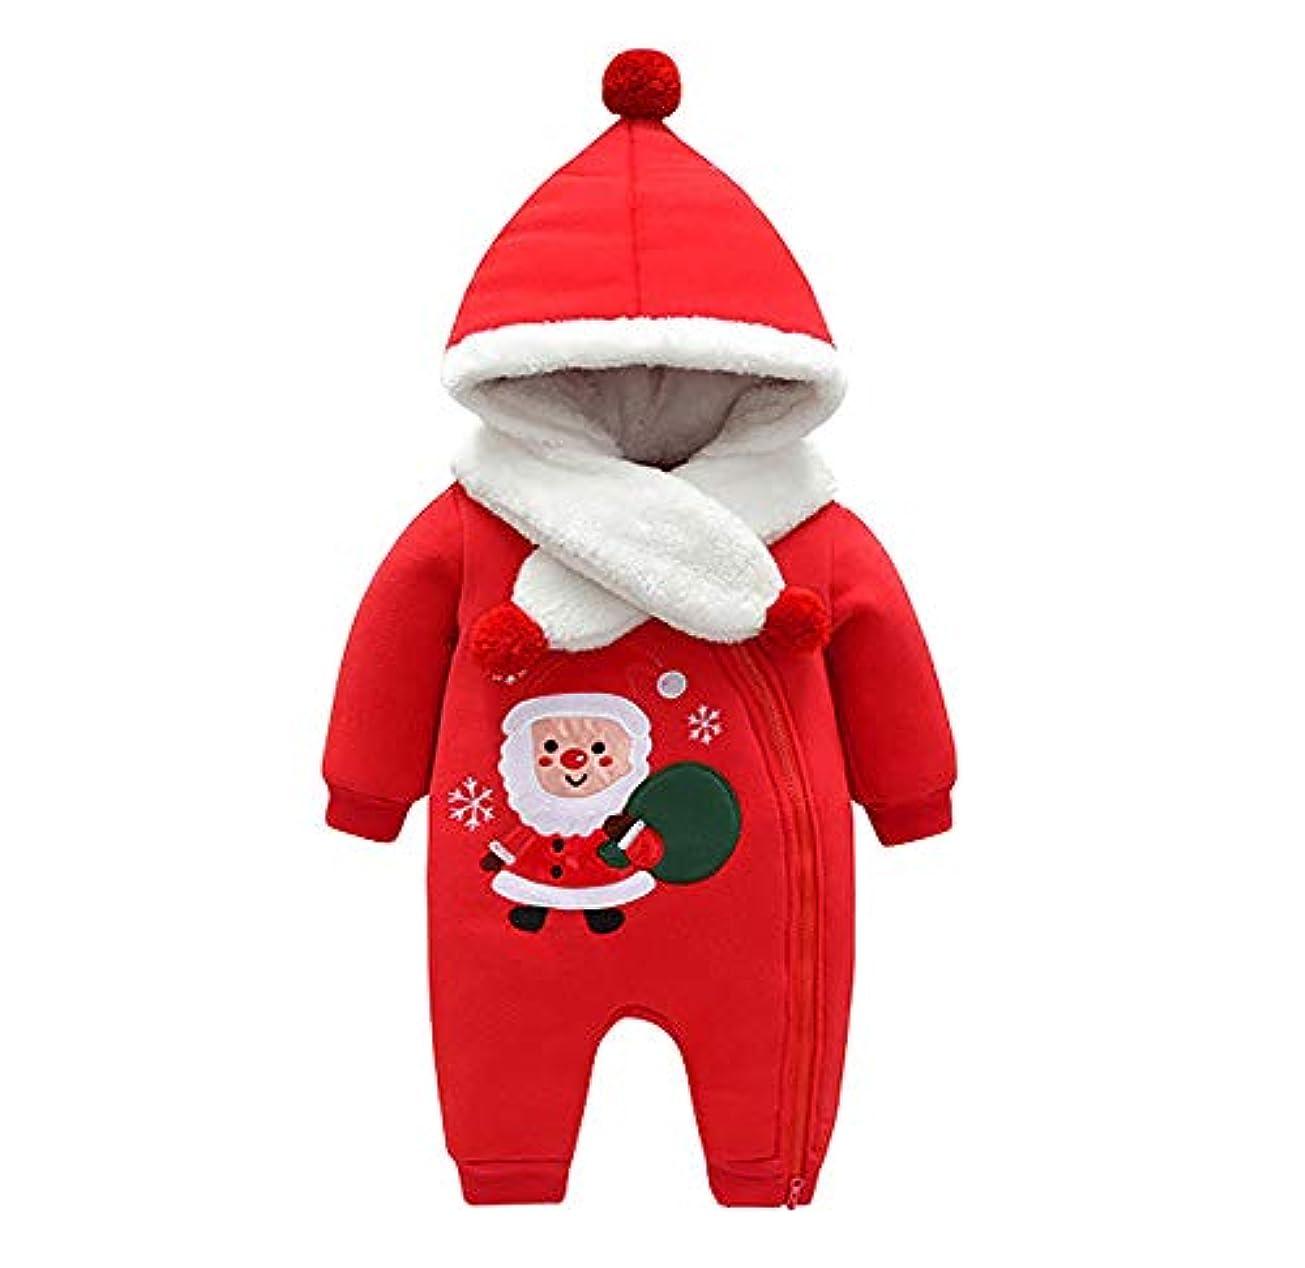 ドラッグ物理学者に賛成(ティーモイス)Timoise 赤ちゃん服 クリスマス服 コスチューム サンタクロース 帽子付き 冬 保温 フリース 可愛い プレゼント 着ぐるみ 変装 サンタ服 (66cm)